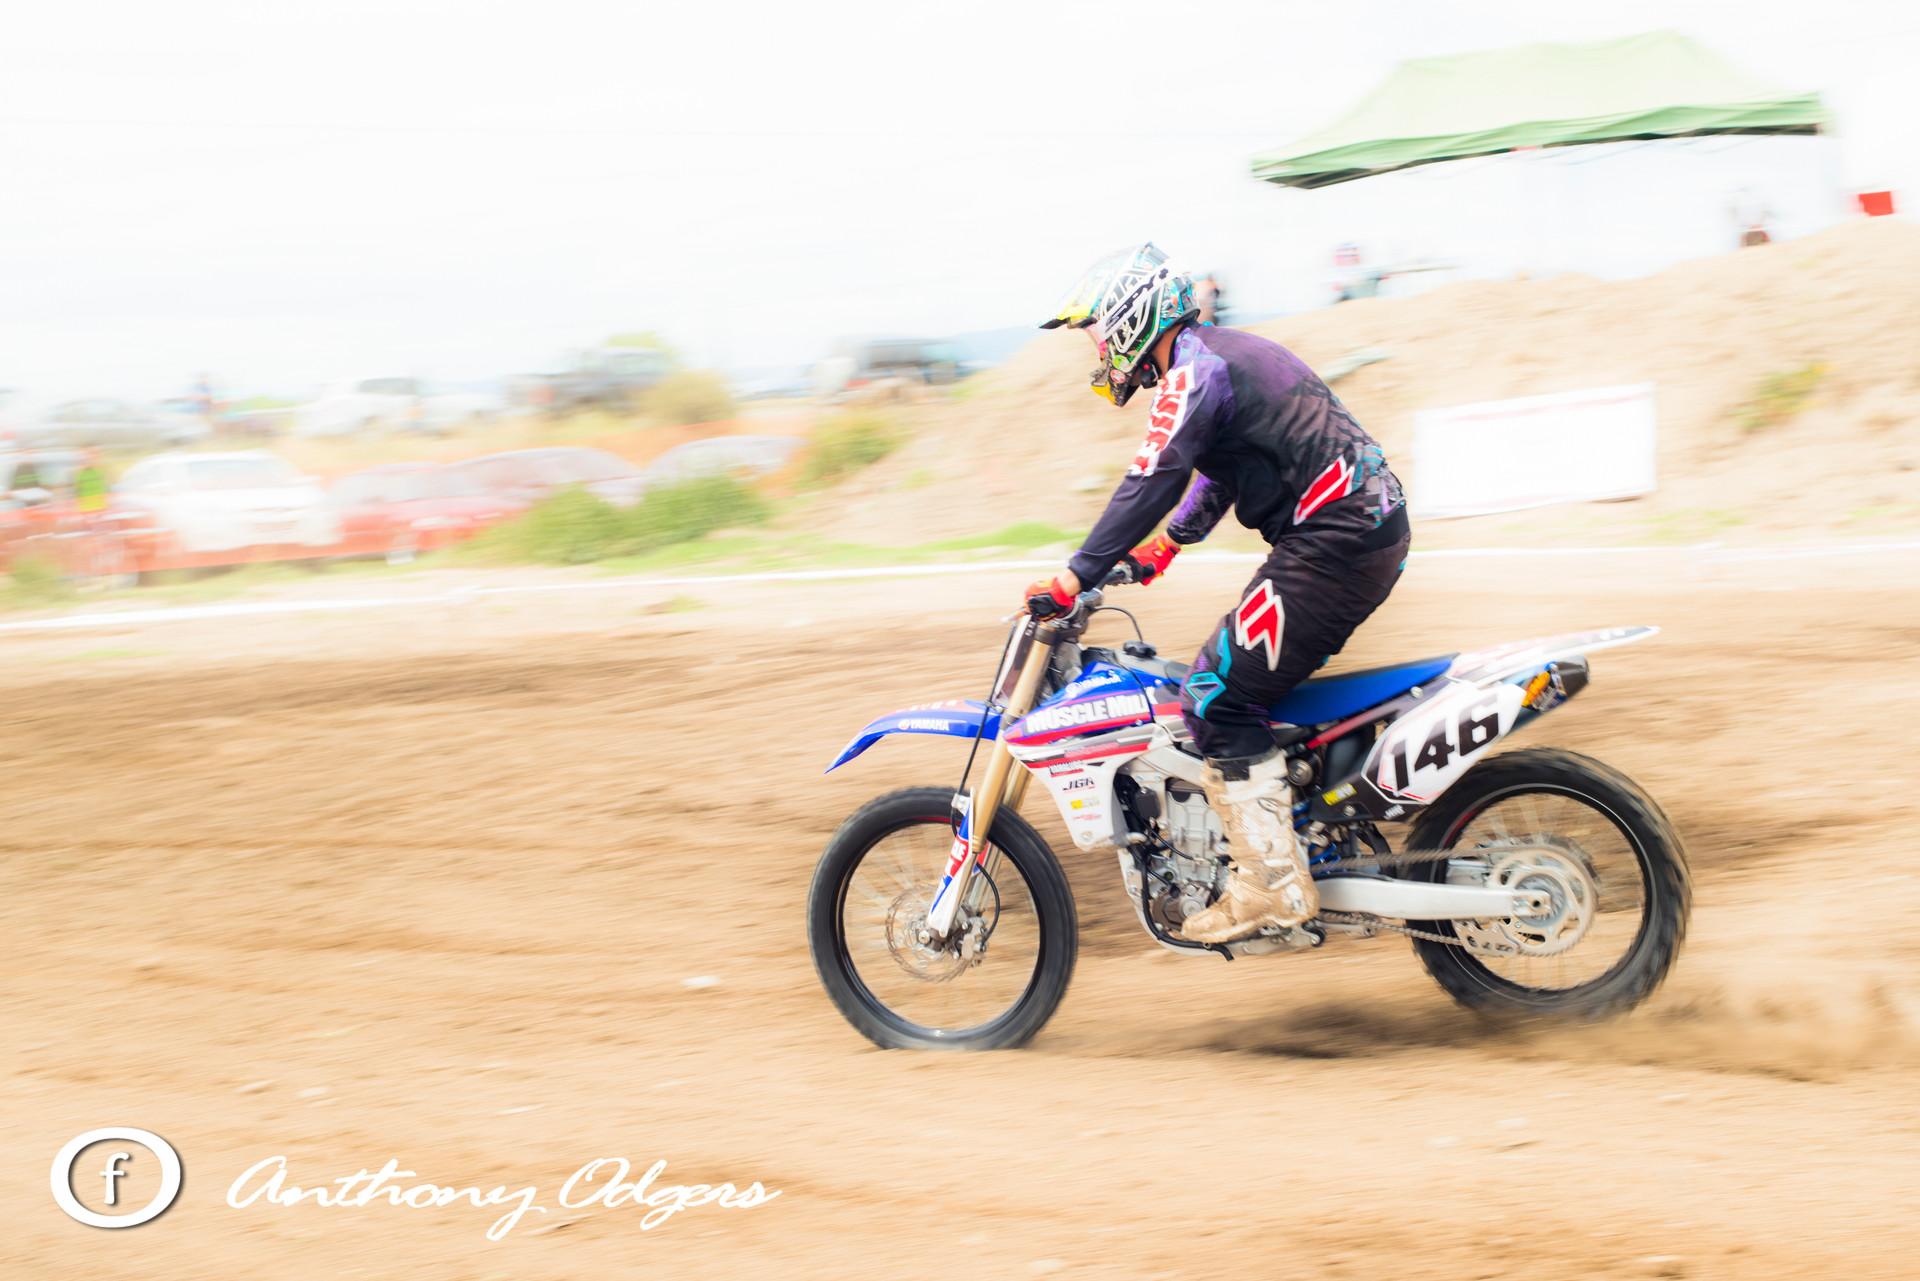 2013-01-06-Motocross Enduro-47.jpg